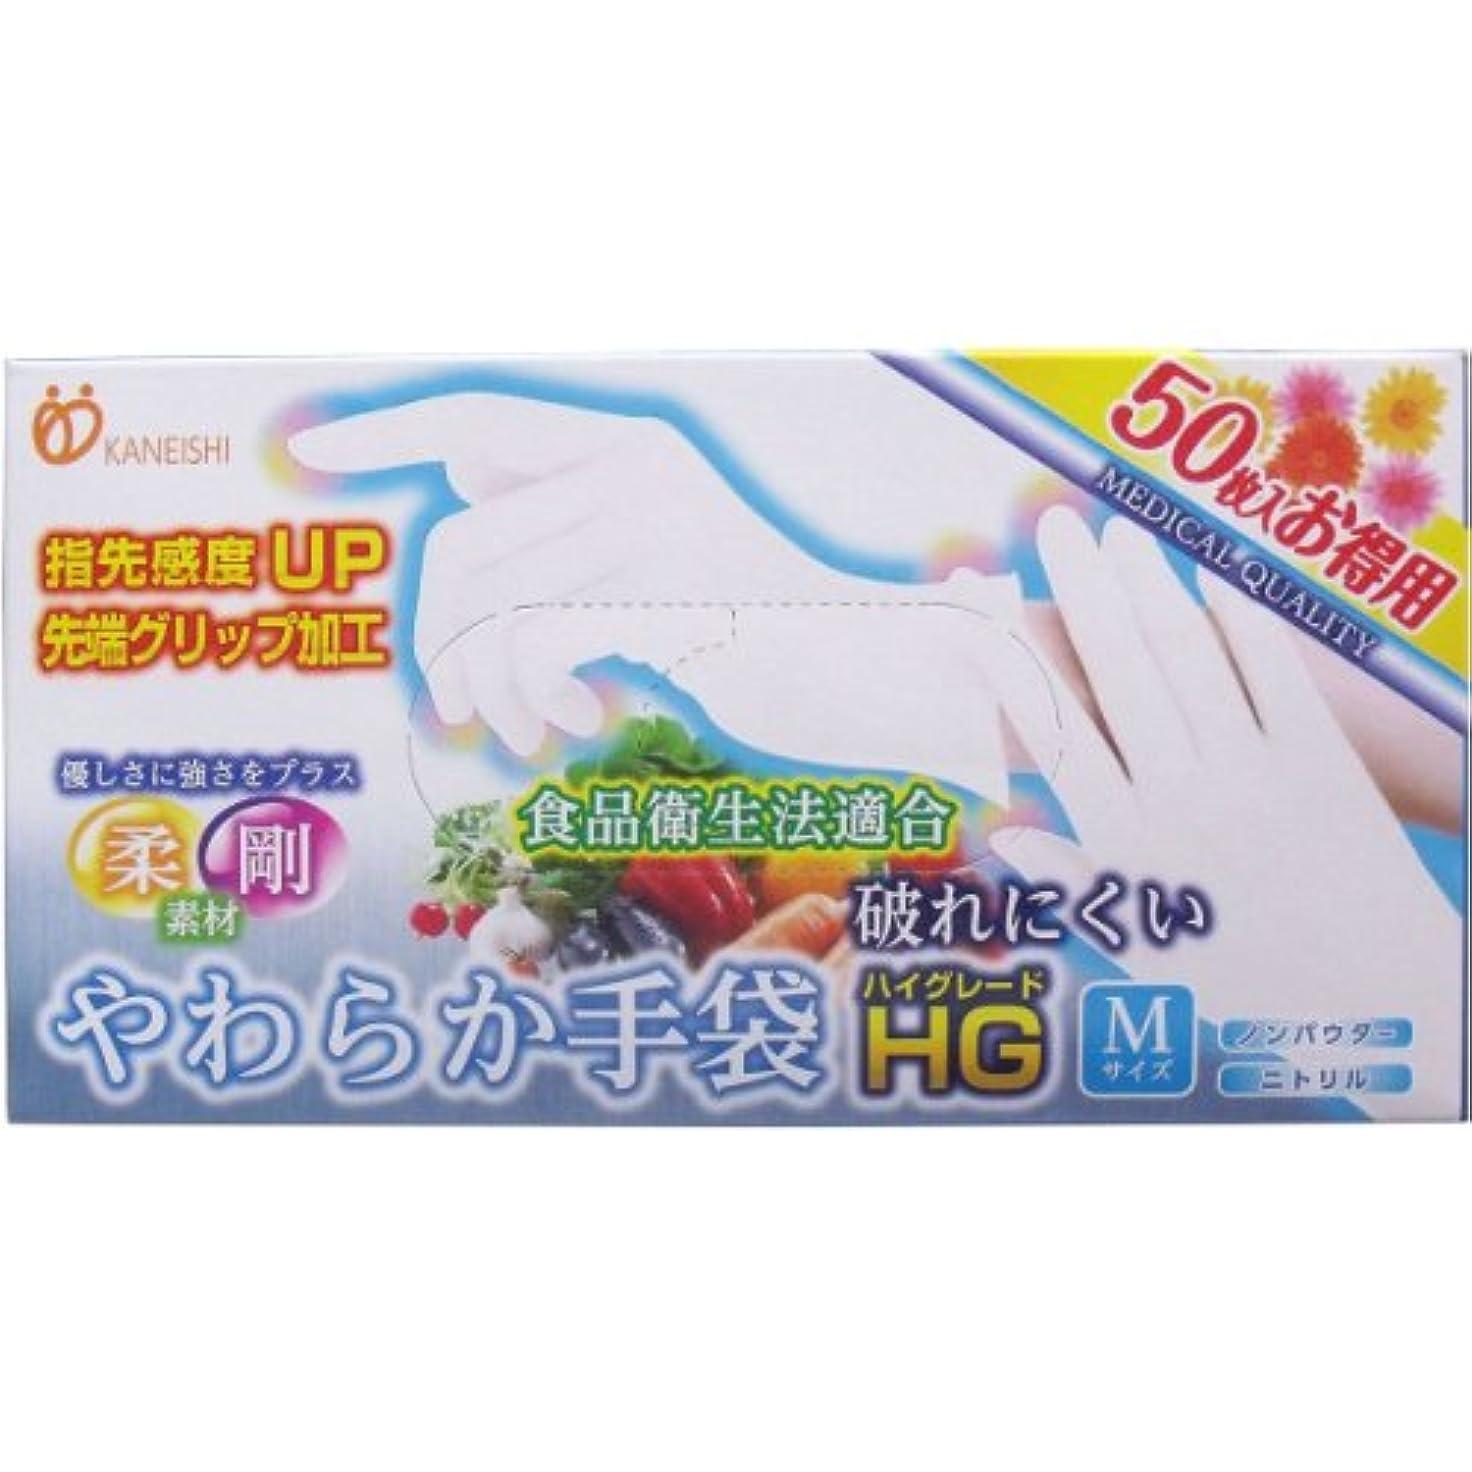 刺繍まばたき振る舞うやわらか手袋HG (ハイグレード) 二トリル手袋 パウダーフリー Mサイズ 50枚入×10個セット